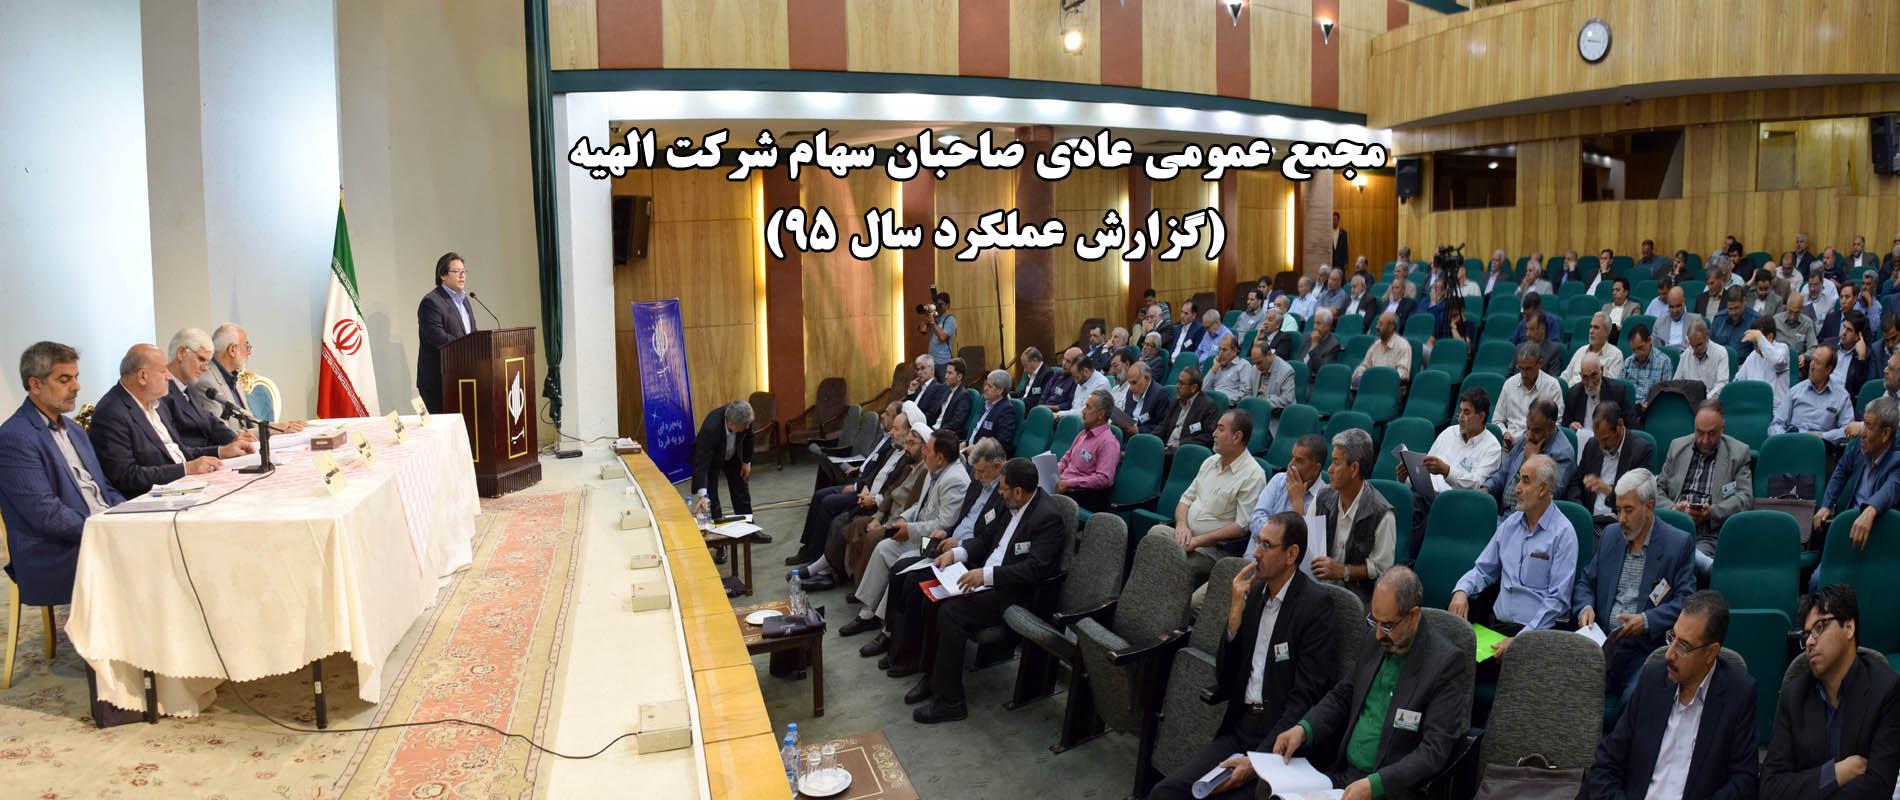 مجمع عمومی عادی صاحبان سهام شرکت الهیه (گزارش عملکرد سال ۹۵) برگزار شد